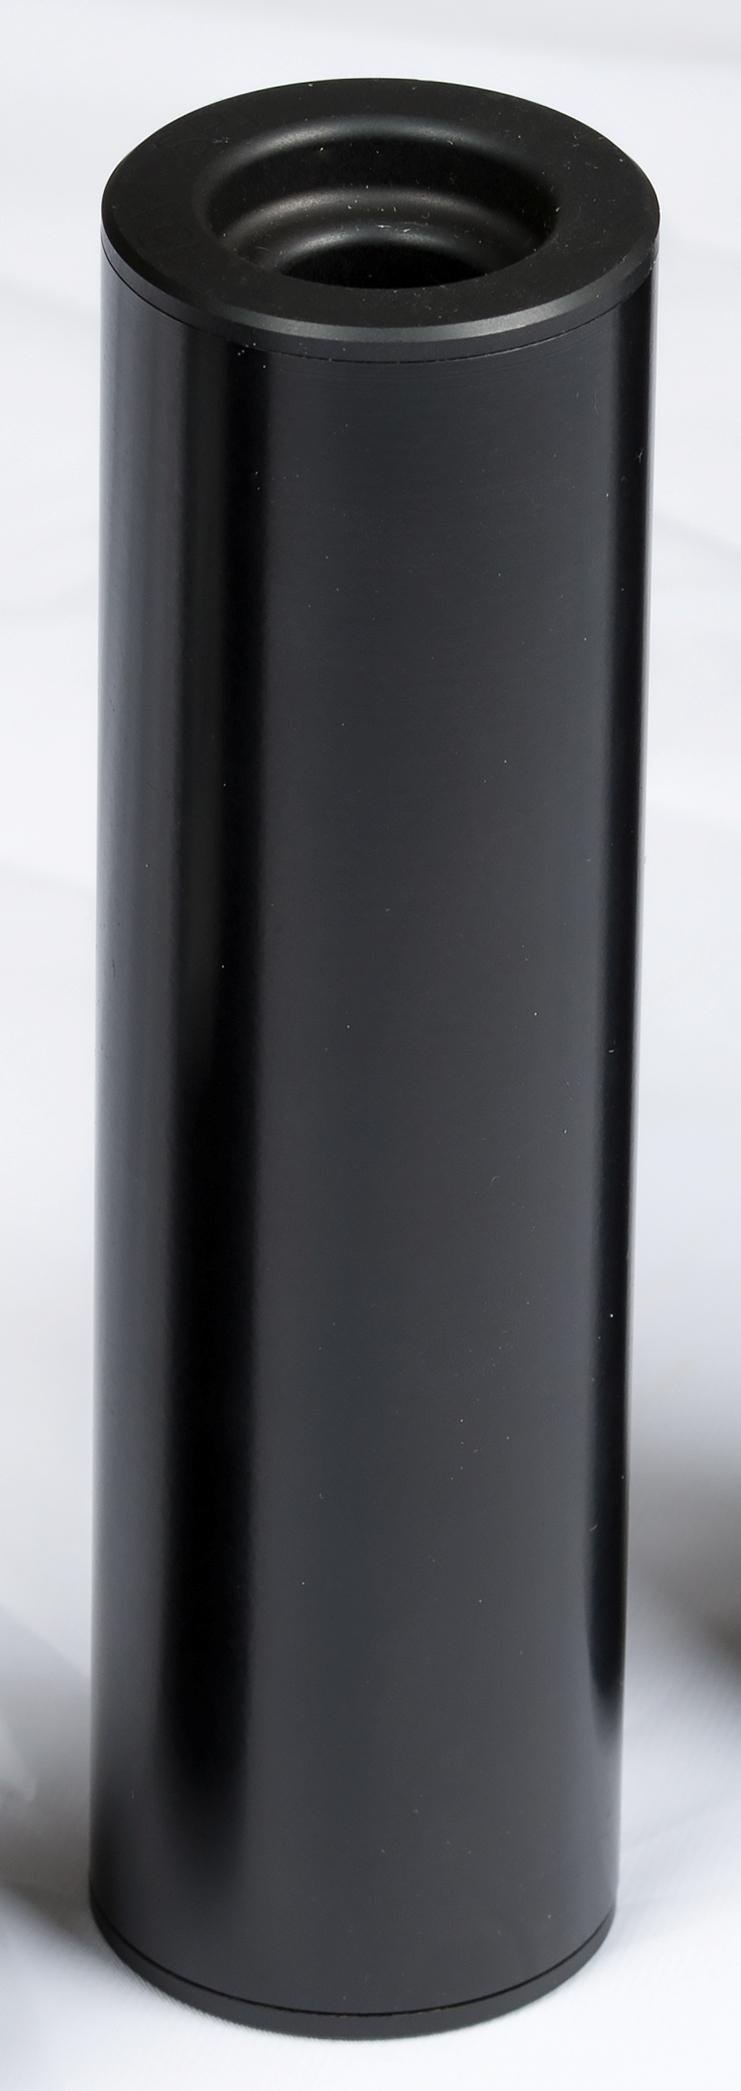 Osuma äänenvaimennin 220 kal 9,3 14x1 Sako       musta